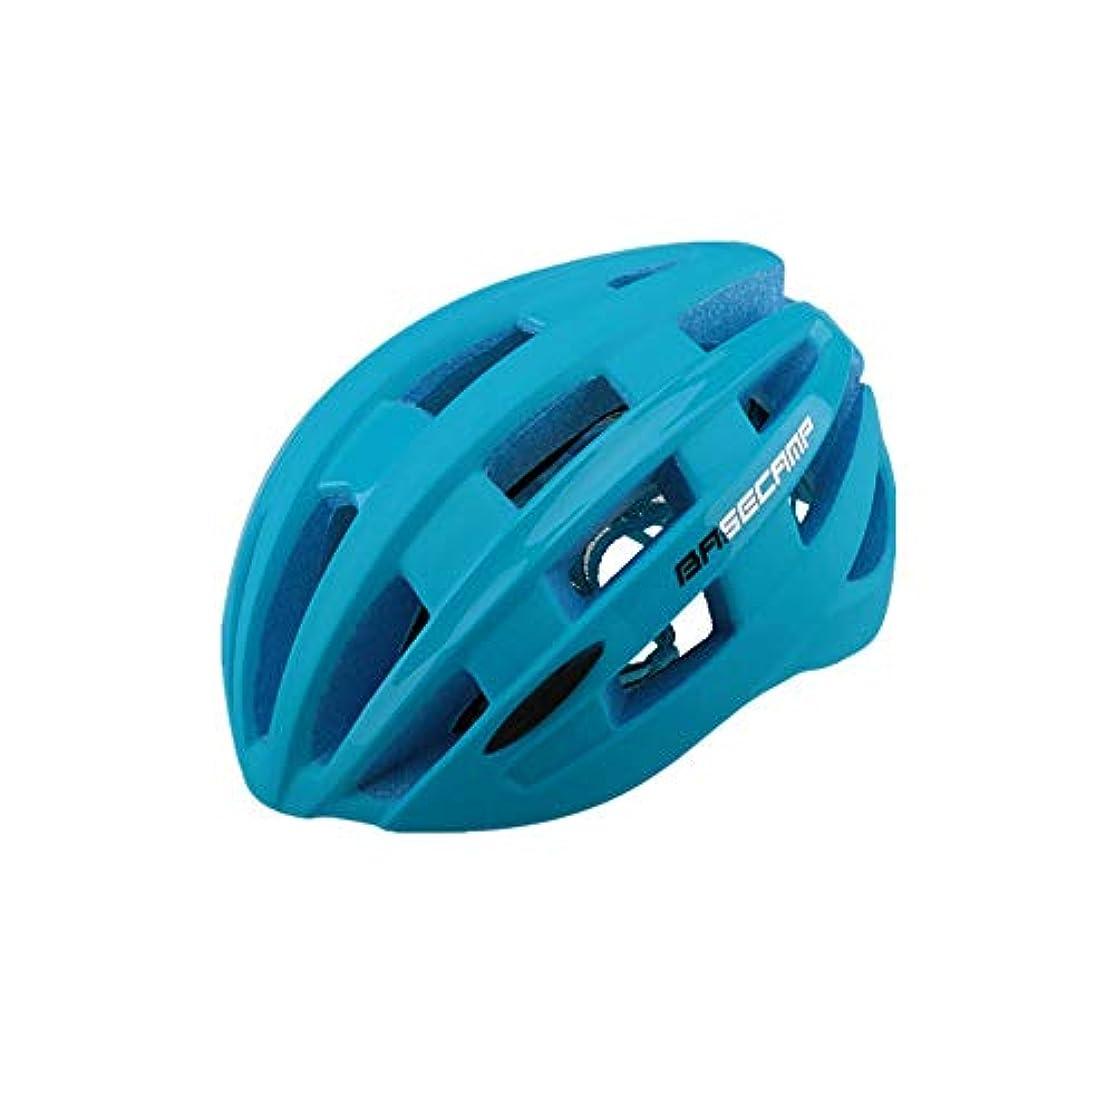 医学頬報復自転車用ヘルメット超軽量 アウトドアサイクリング愛好家に適した自転車ヘルメット自転車ヘルメット自転車安全ヘルメット。 オフロード自転車用保護帽